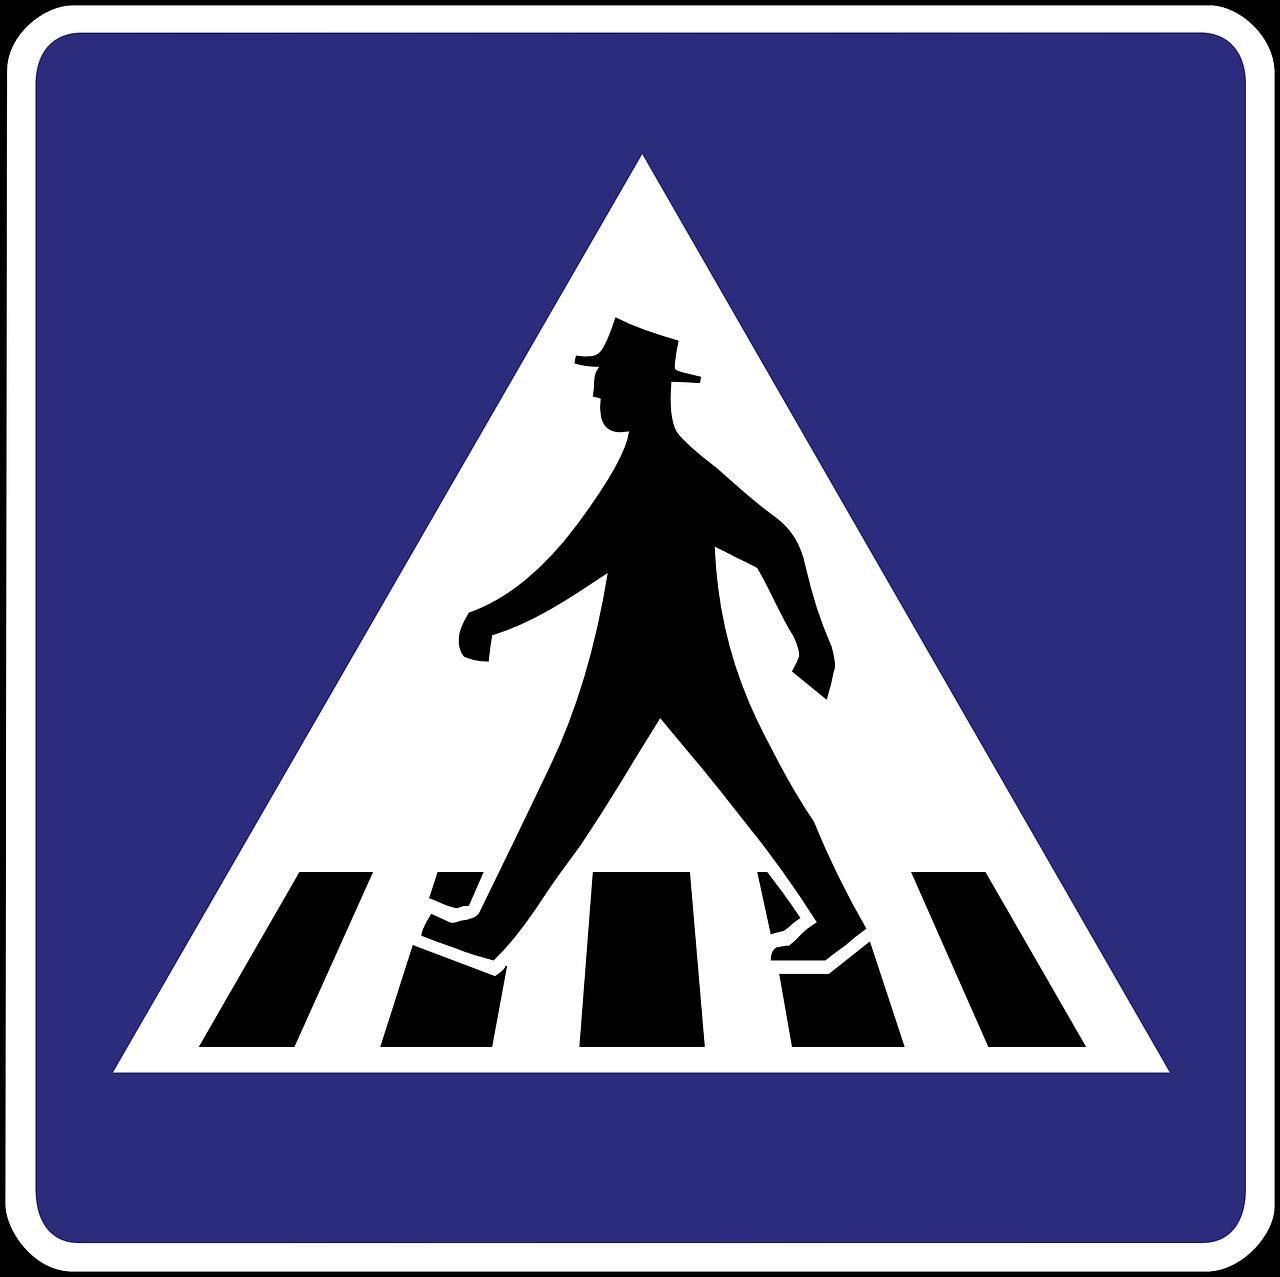 Дорожные знаки картинки знак пешеходный переход